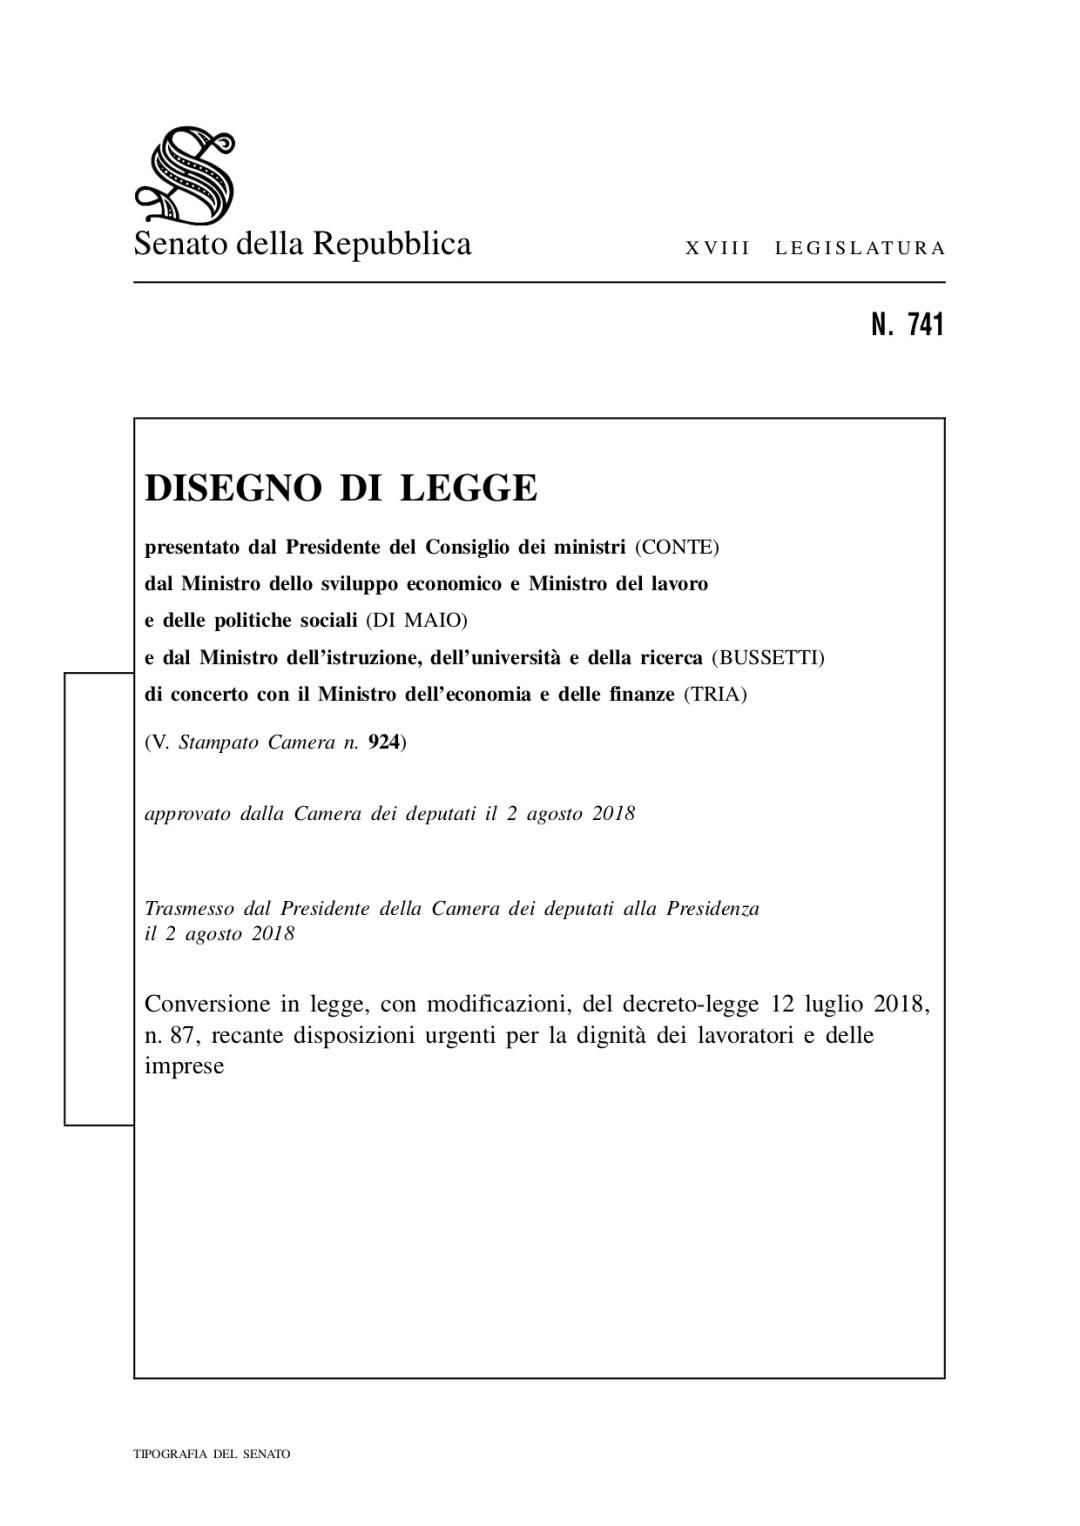 Decreto dignità: il testo all'esame del Senato